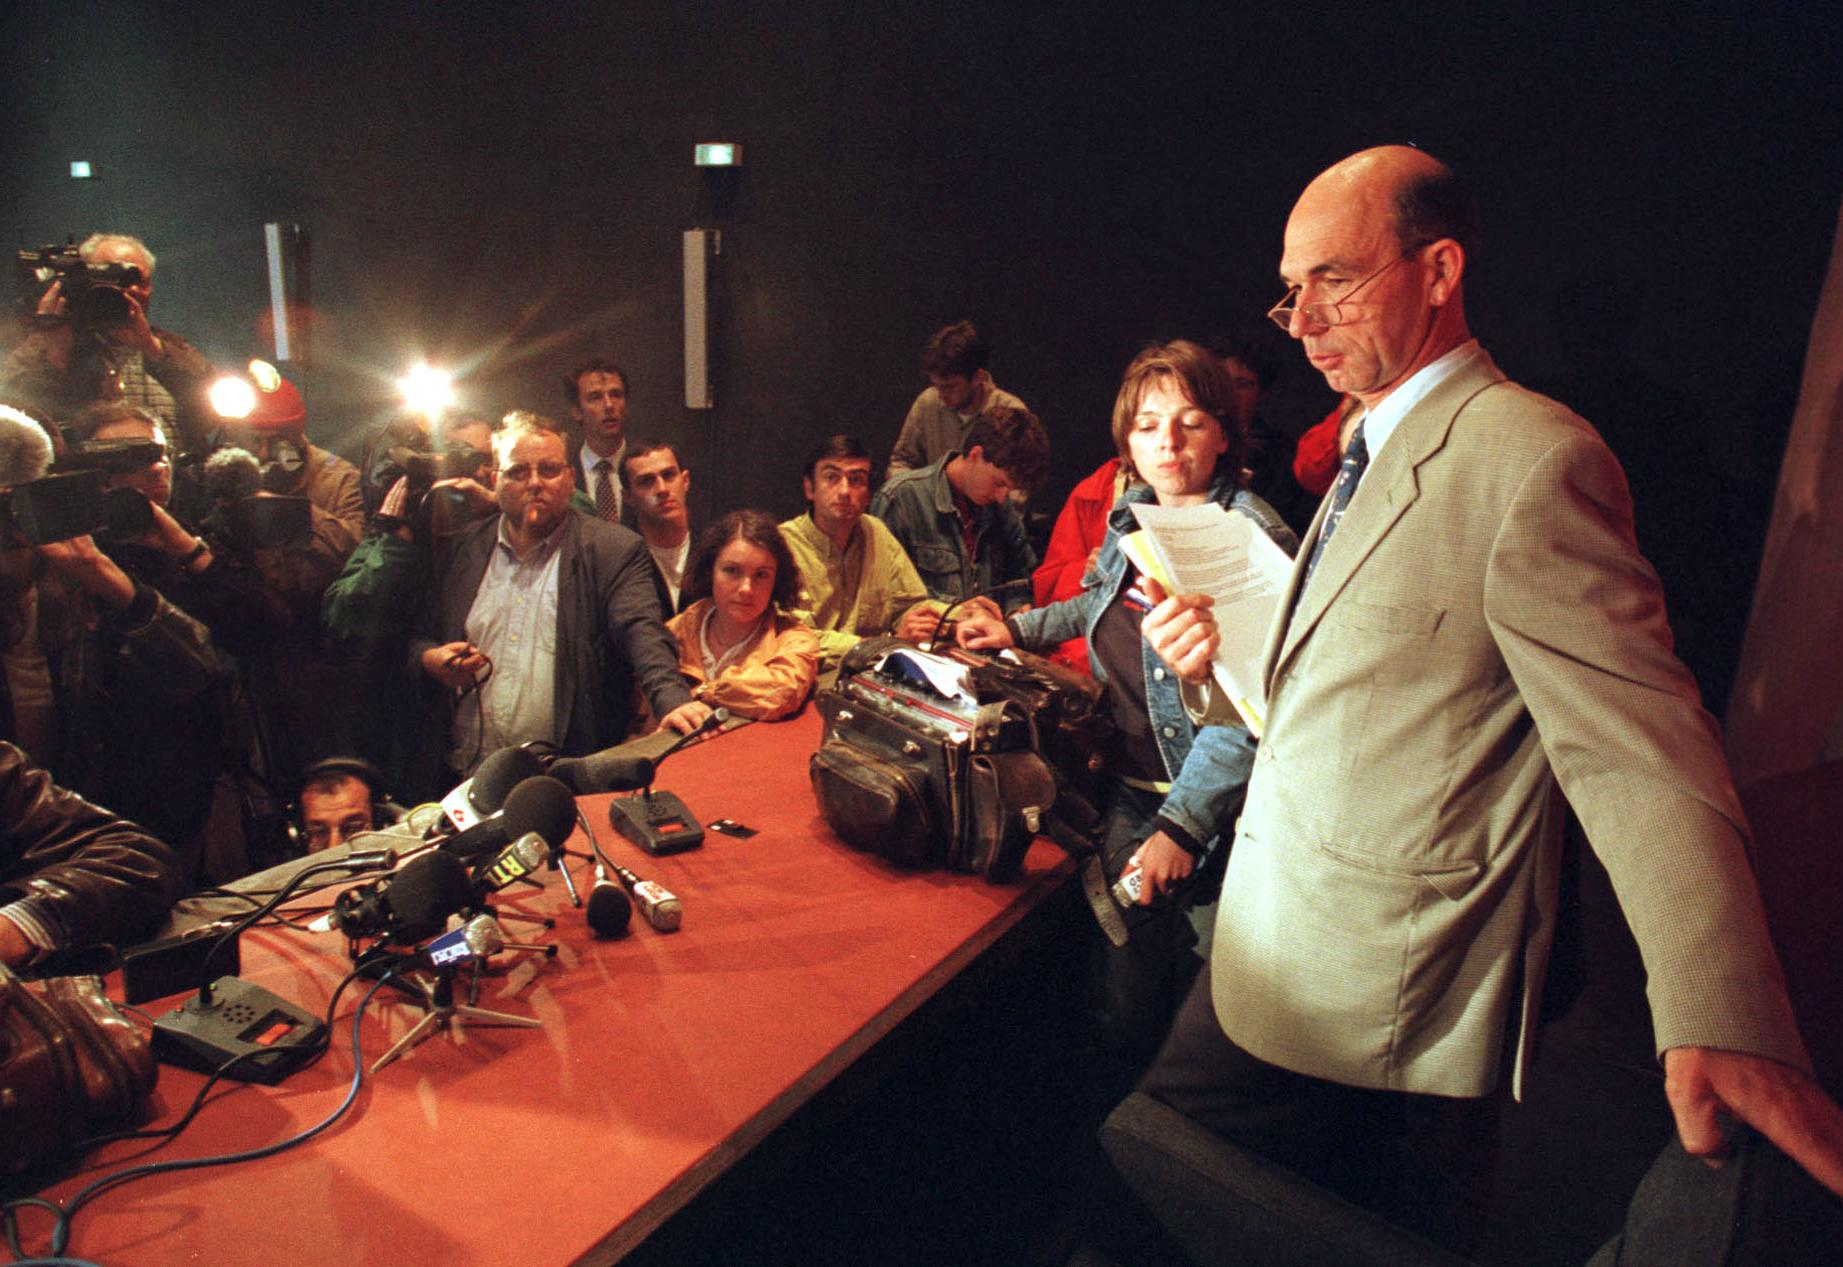 Jean-Philippe Joubert, l\'assistant du procureur de Lille, arrive en conférence de presse pour annoncer la mise en examen de Bruno Roussel dans le cadre de l\'affaire Festina, le 17 juillet 1998.